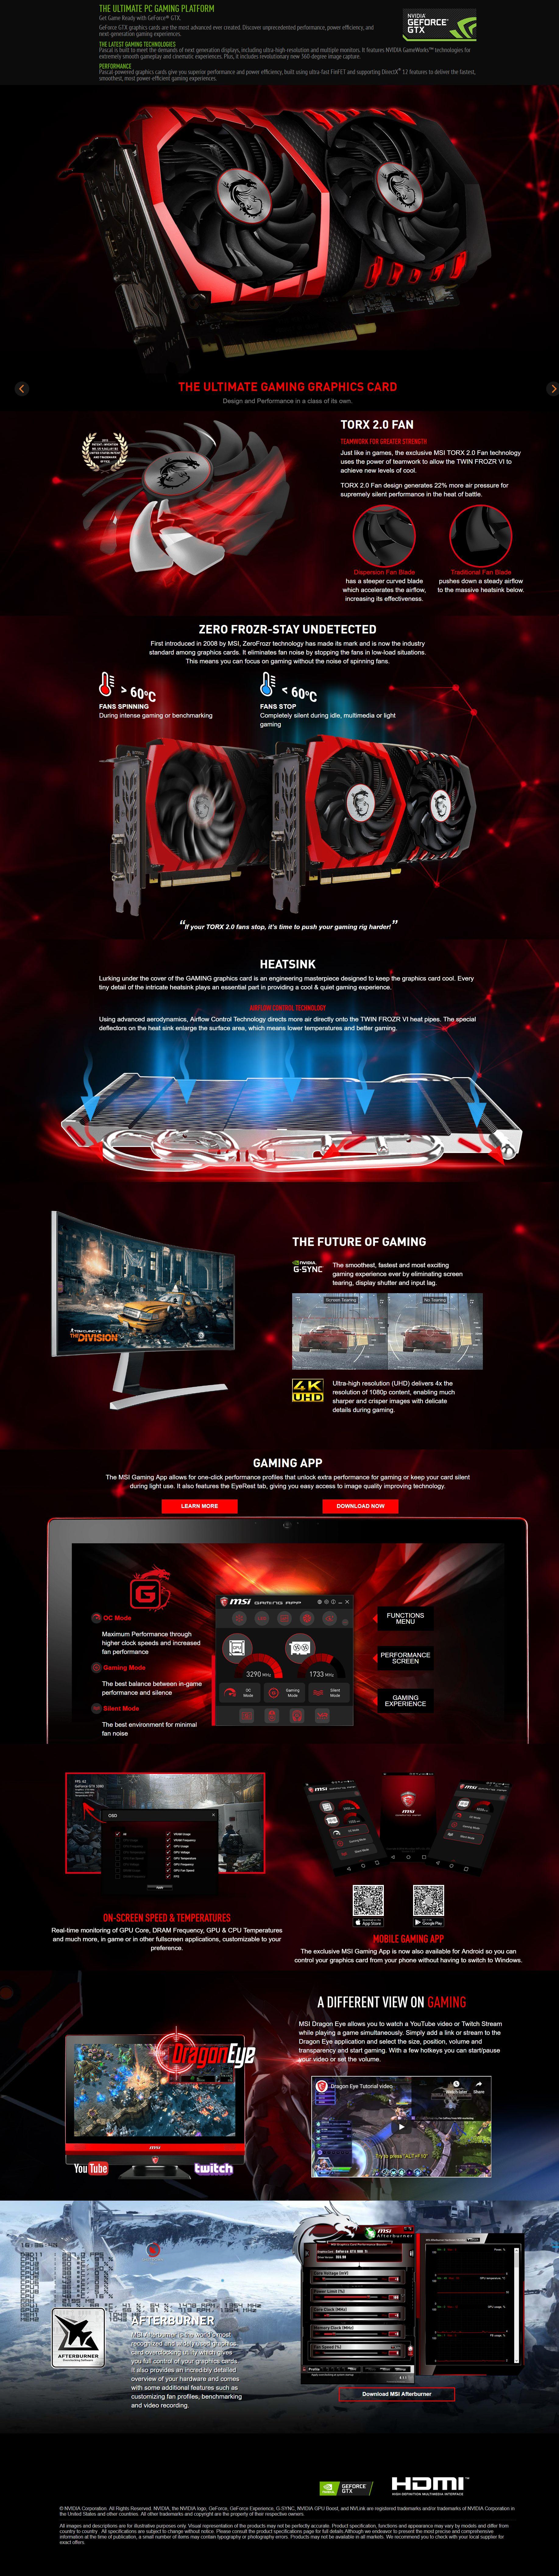 MSI GeForce GTX 1050 Ti Gaming X 4GB Video Card